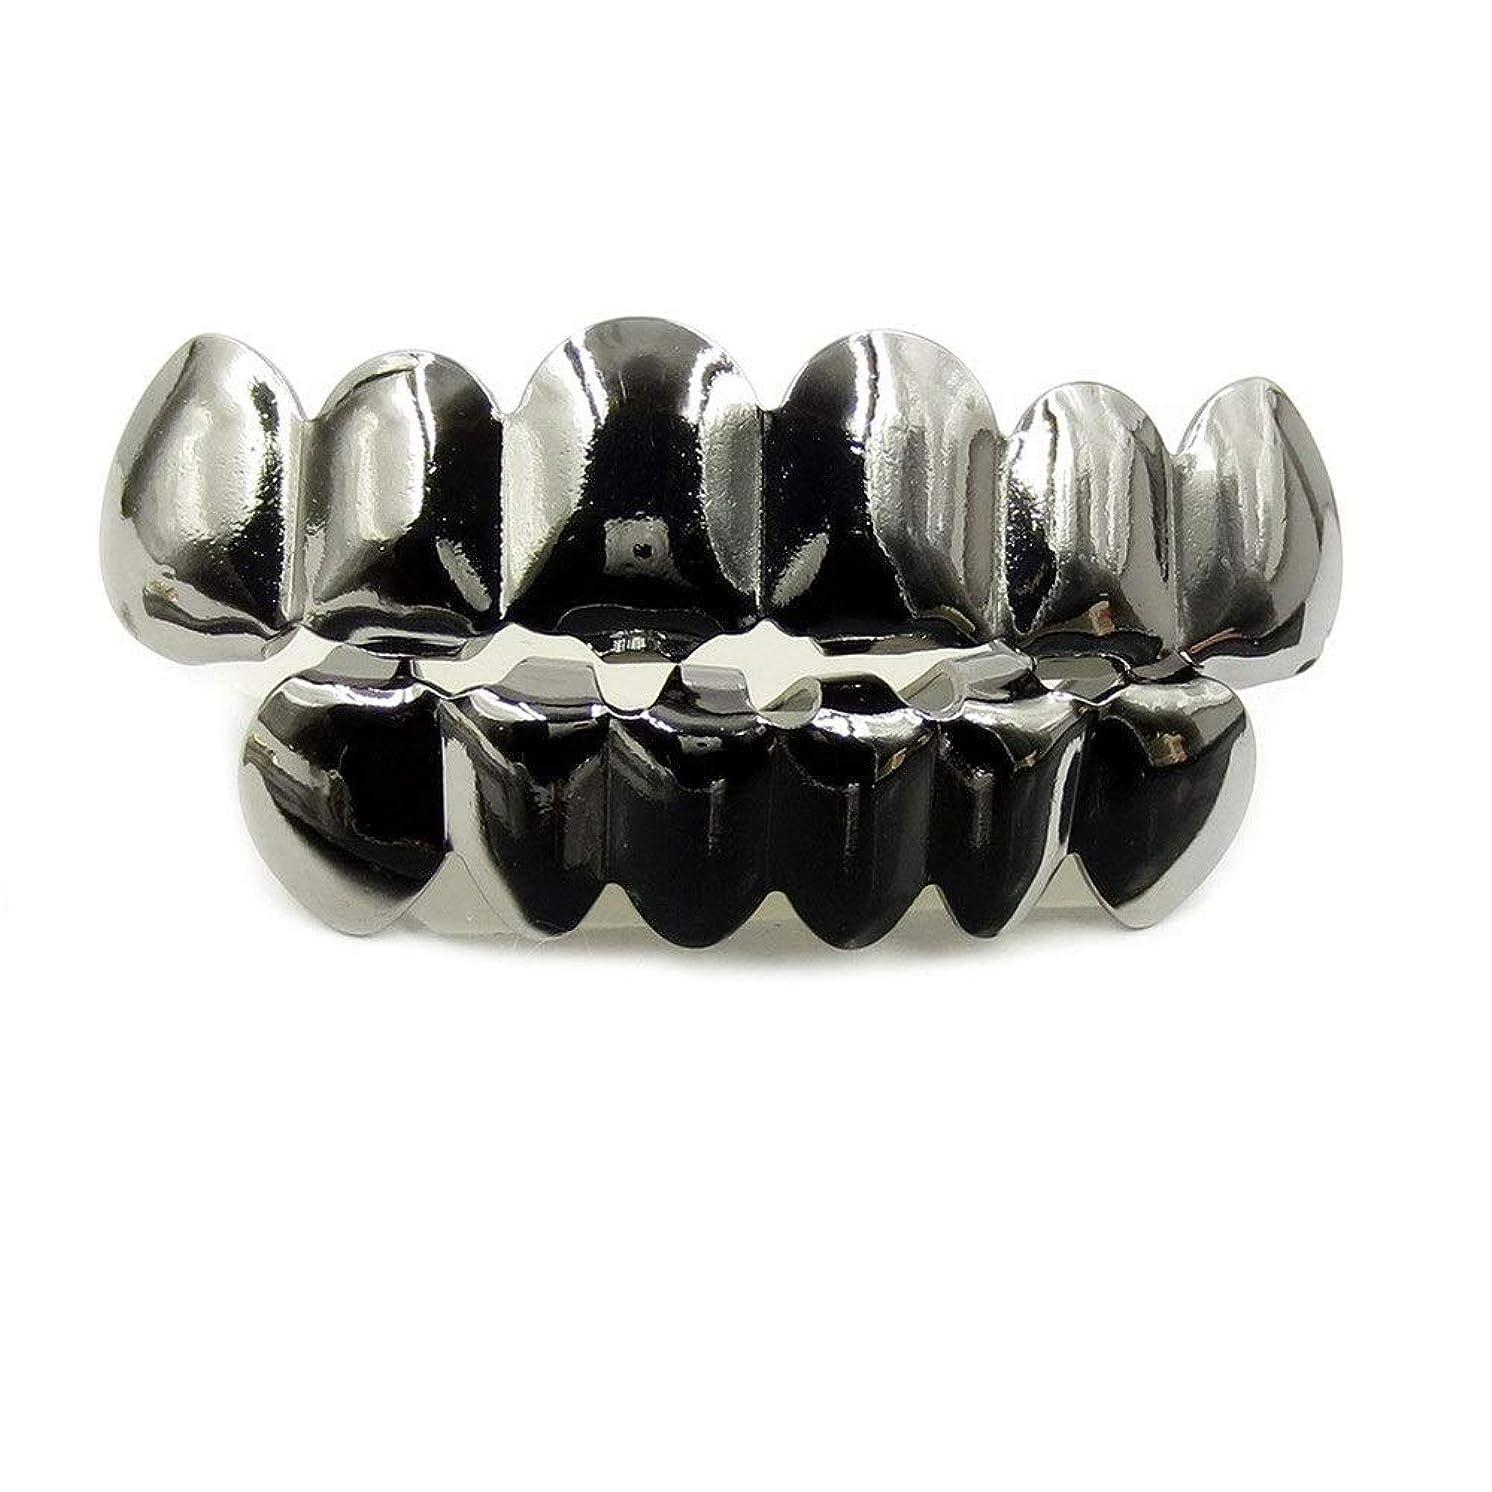 ショット警察脅威ヨーロッパ系アメリカ人INS最もホットなヒップホップの歯キャップ、ゴールド&ブラック&シルバー歯ブレースゴールドプレート口の歯 (Color : Black)